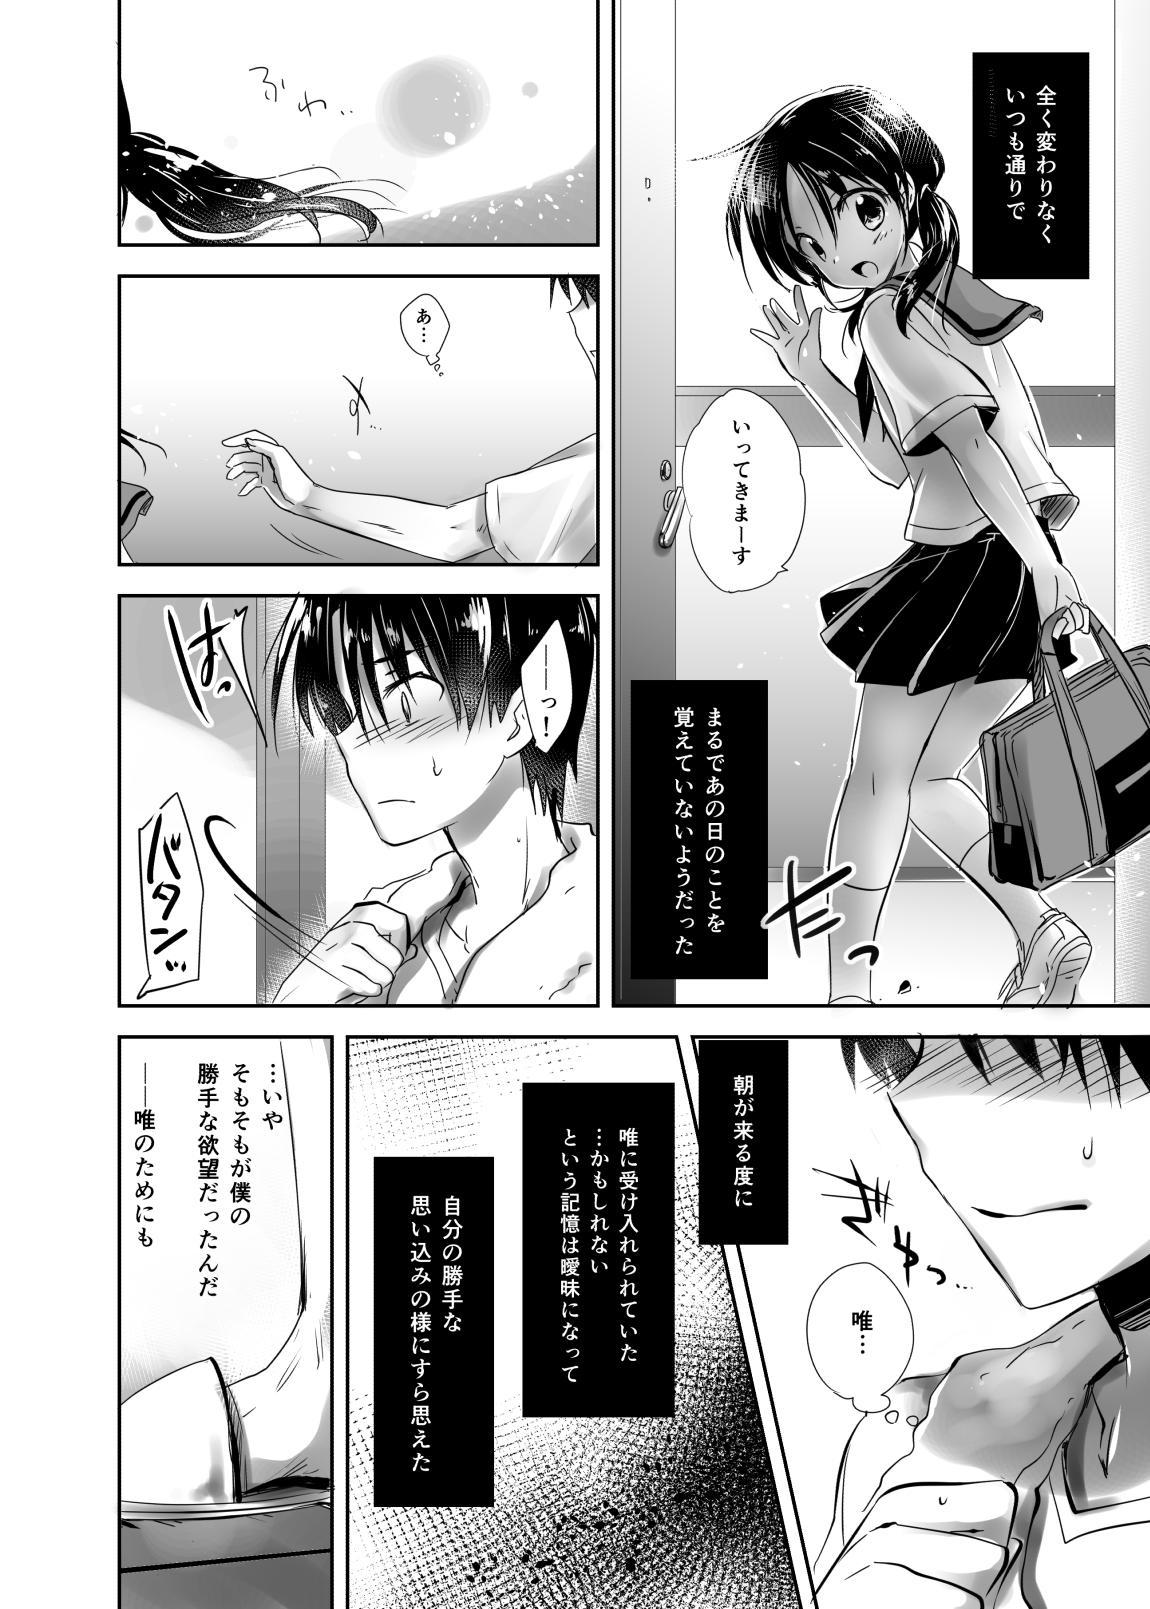 Oyasumi Sex Shidokuban 35